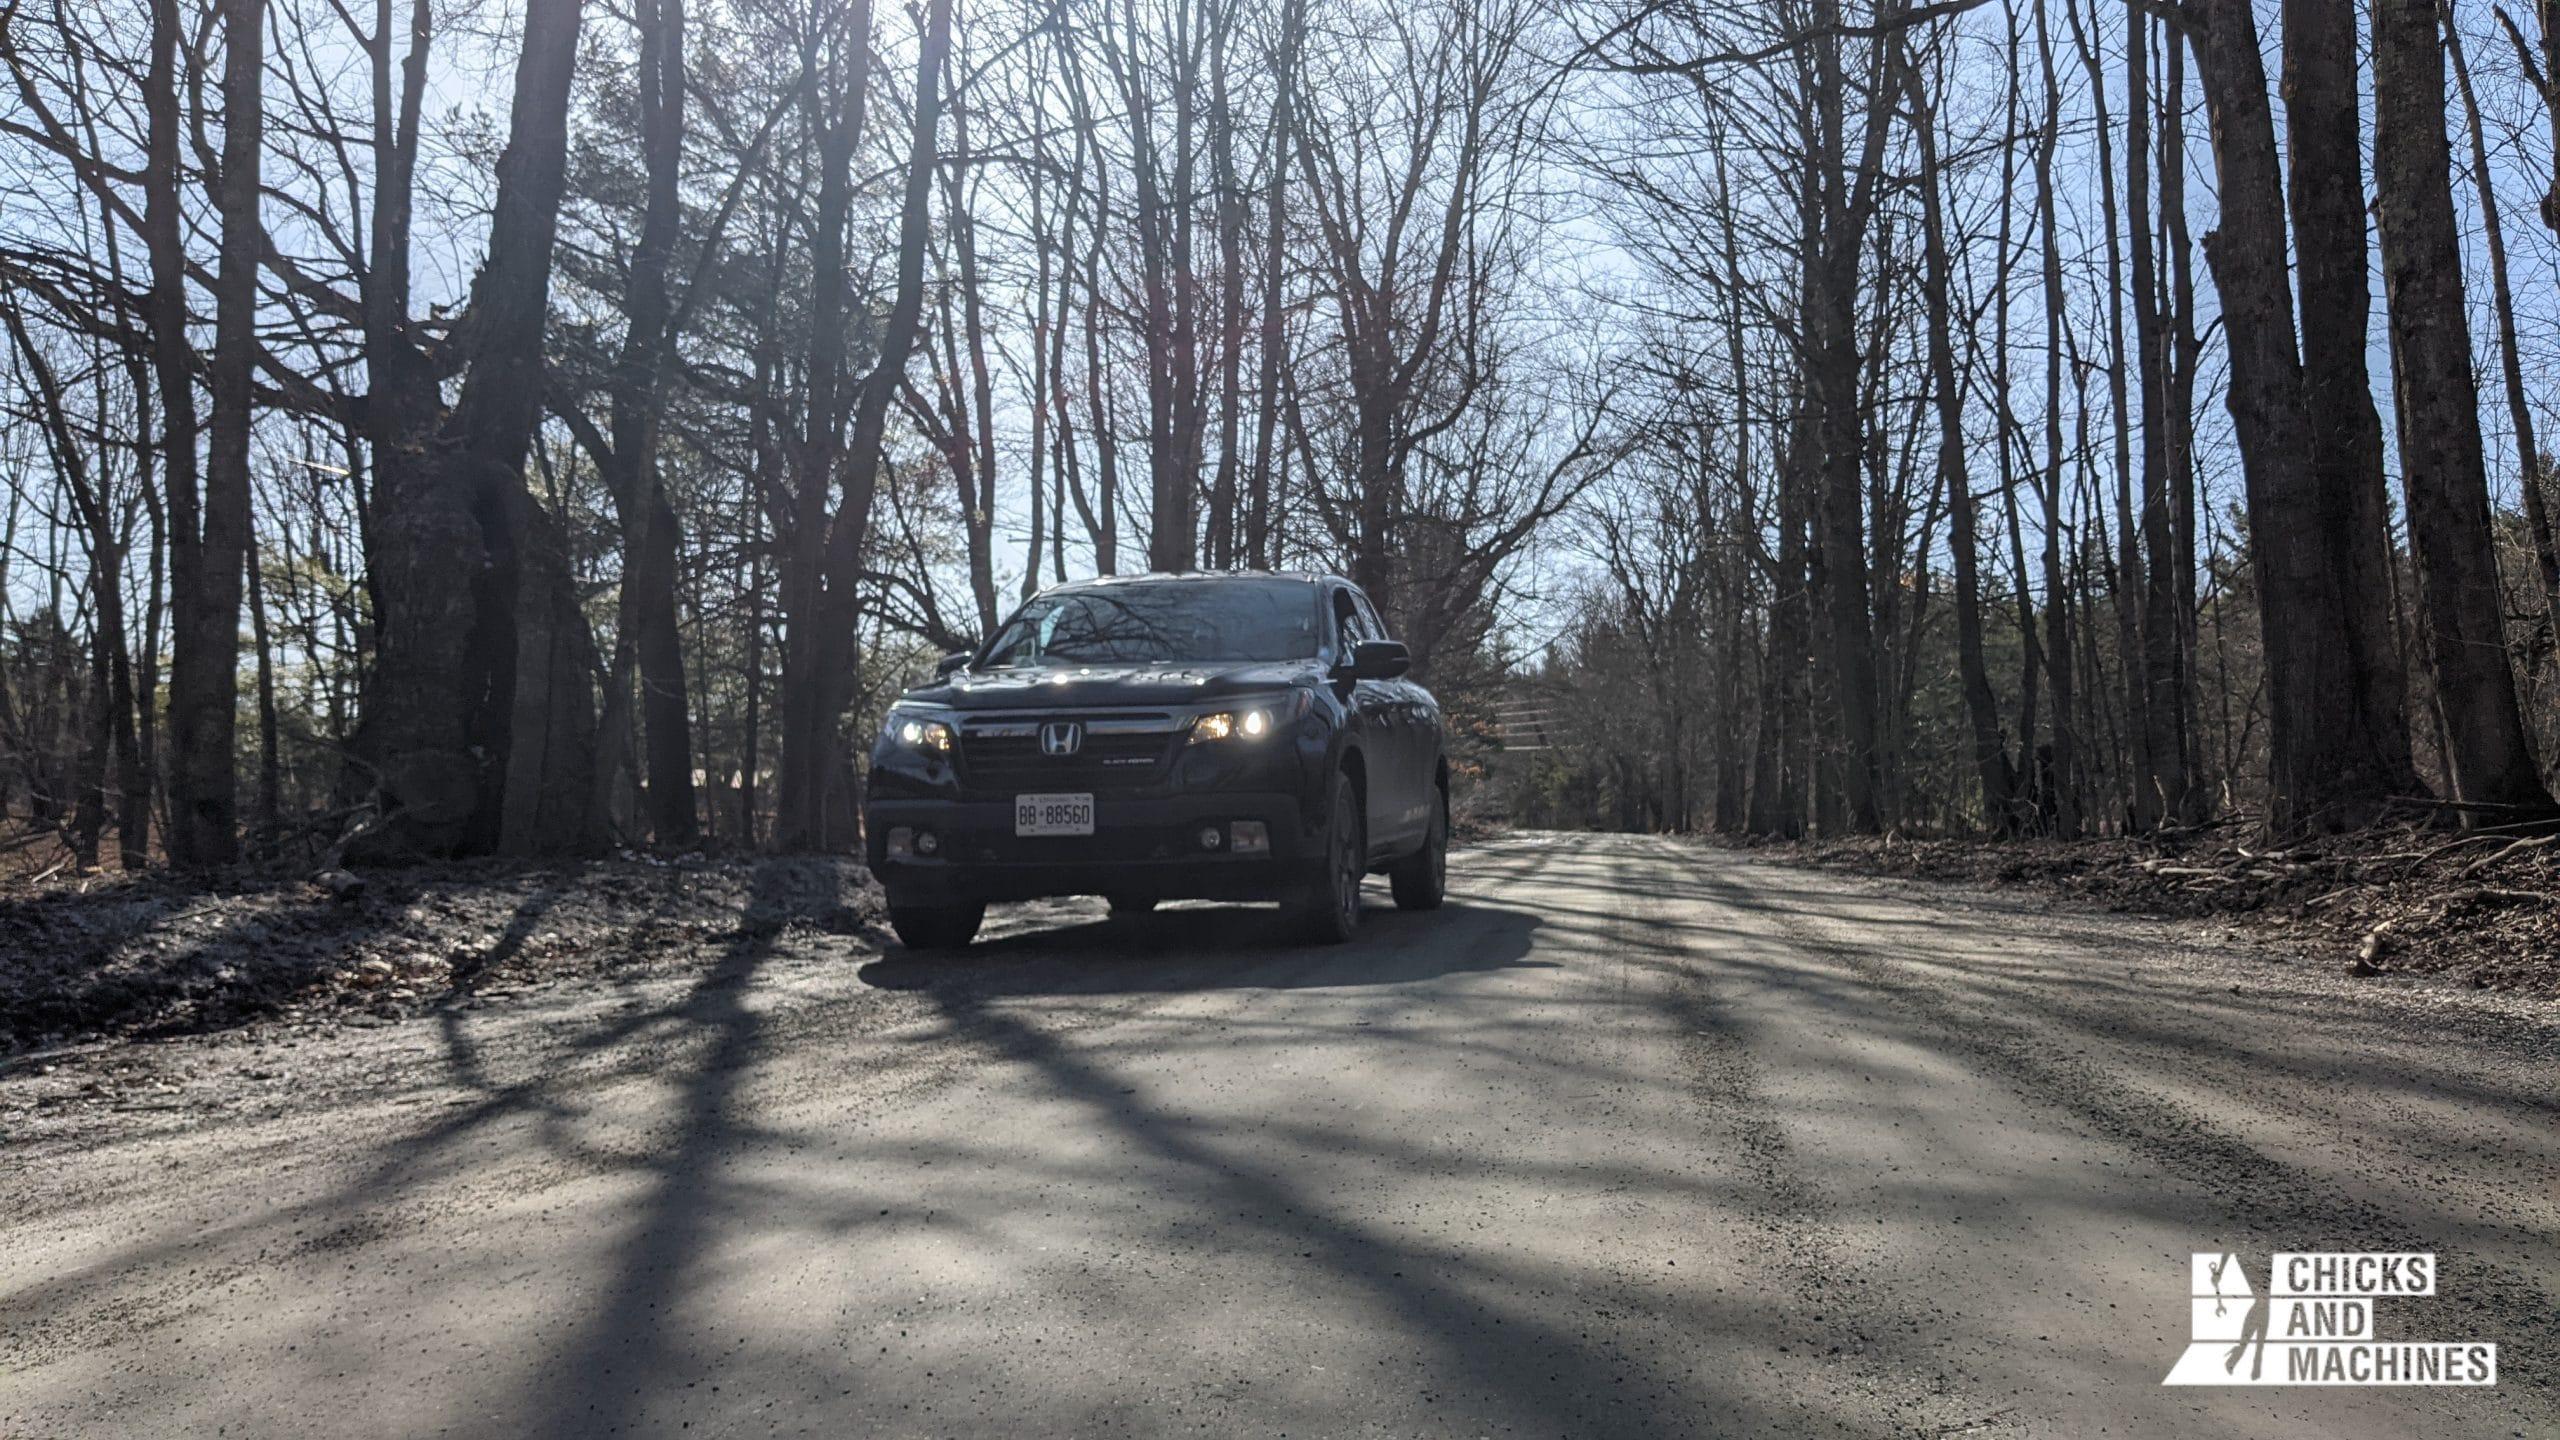 Le Honda Ridgeline Black Edition 2020 dans les chemins de terre